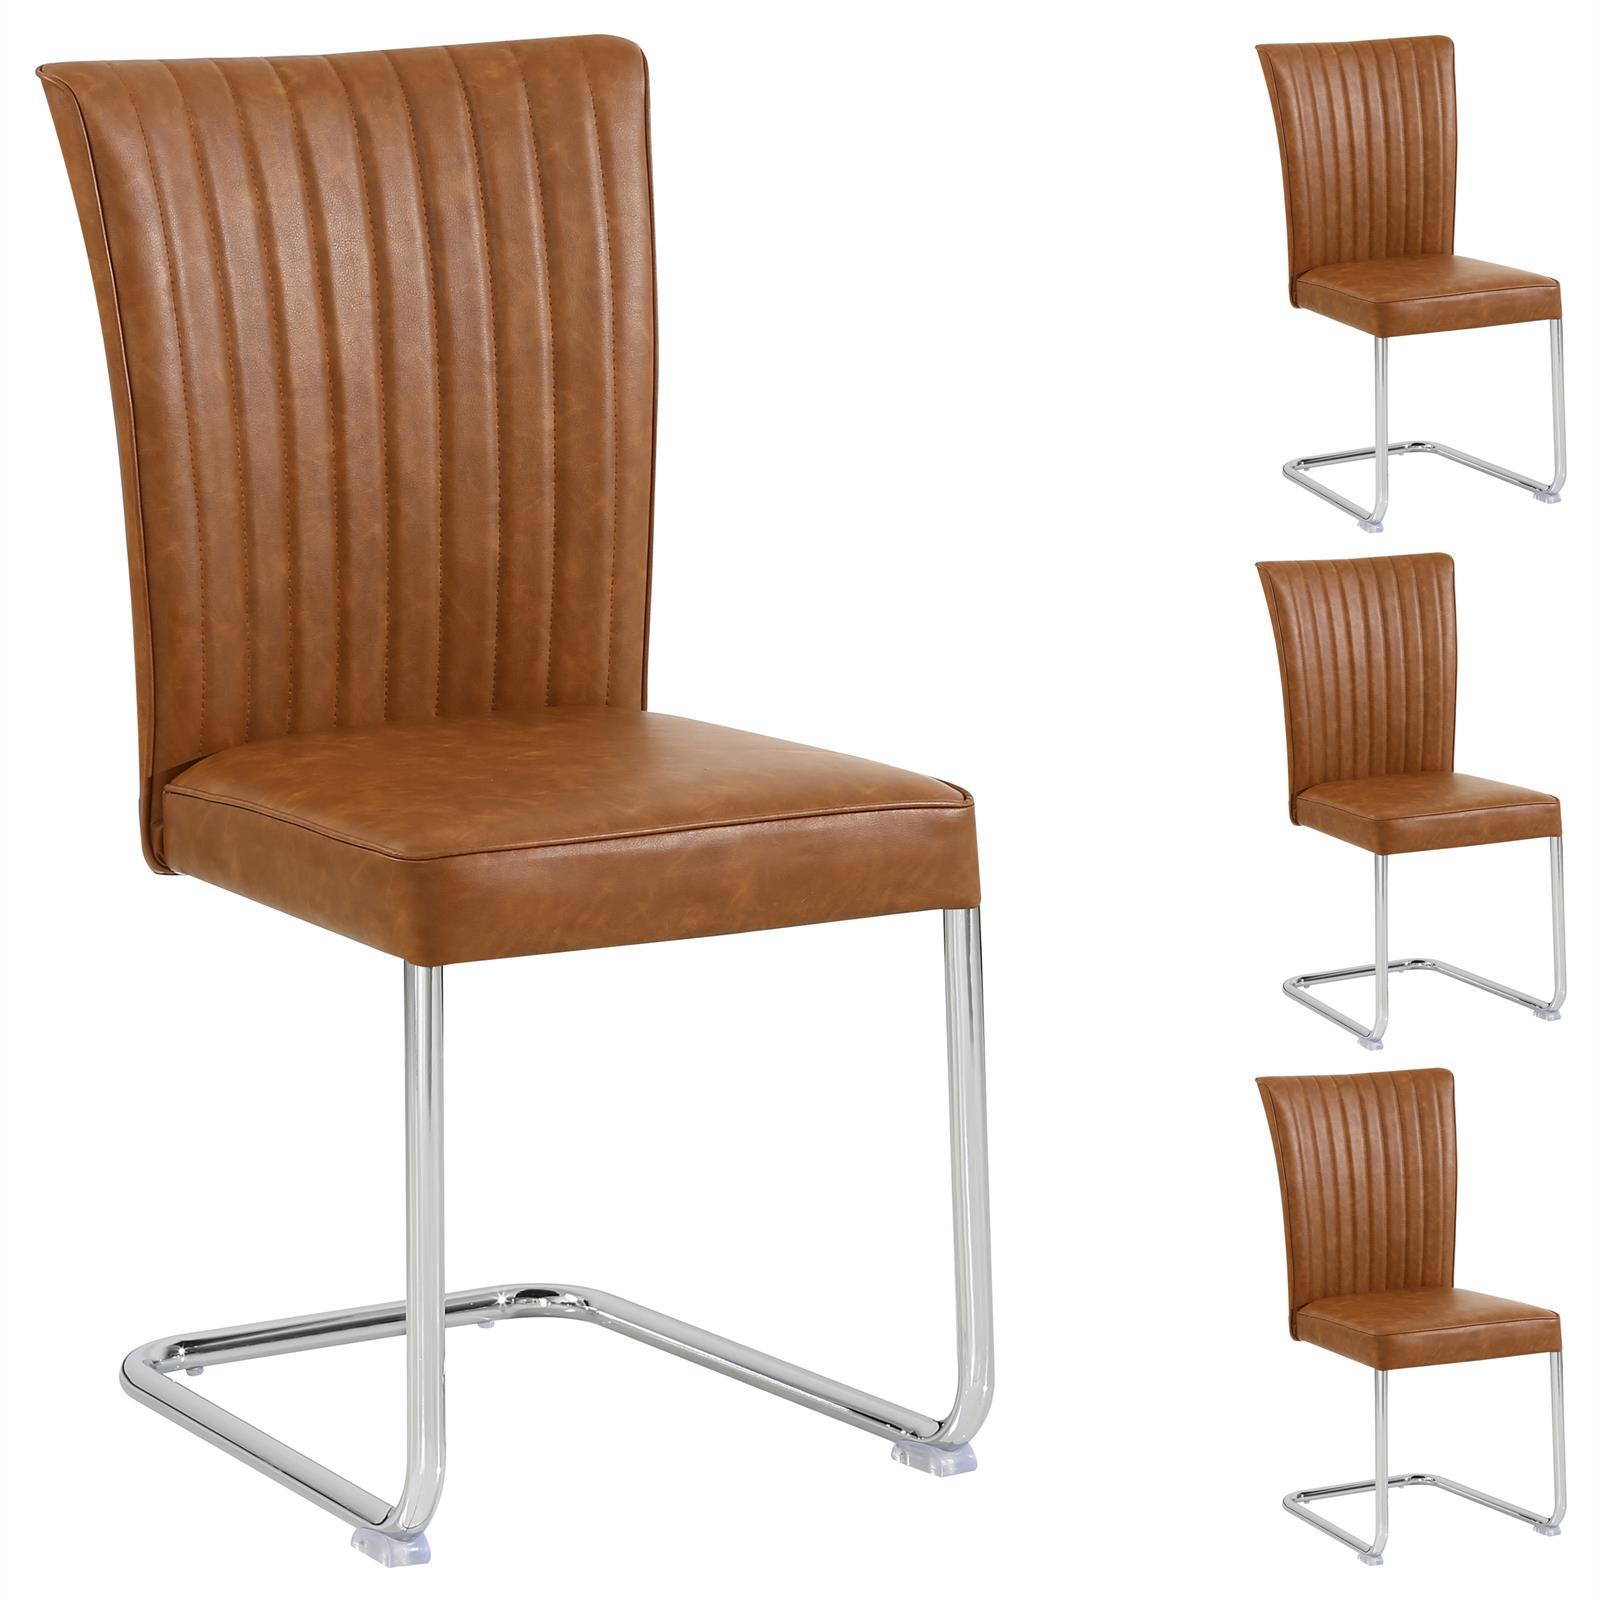 4er set esszimmerstuhl wildlederimitat k chenstuhl. Black Bedroom Furniture Sets. Home Design Ideas